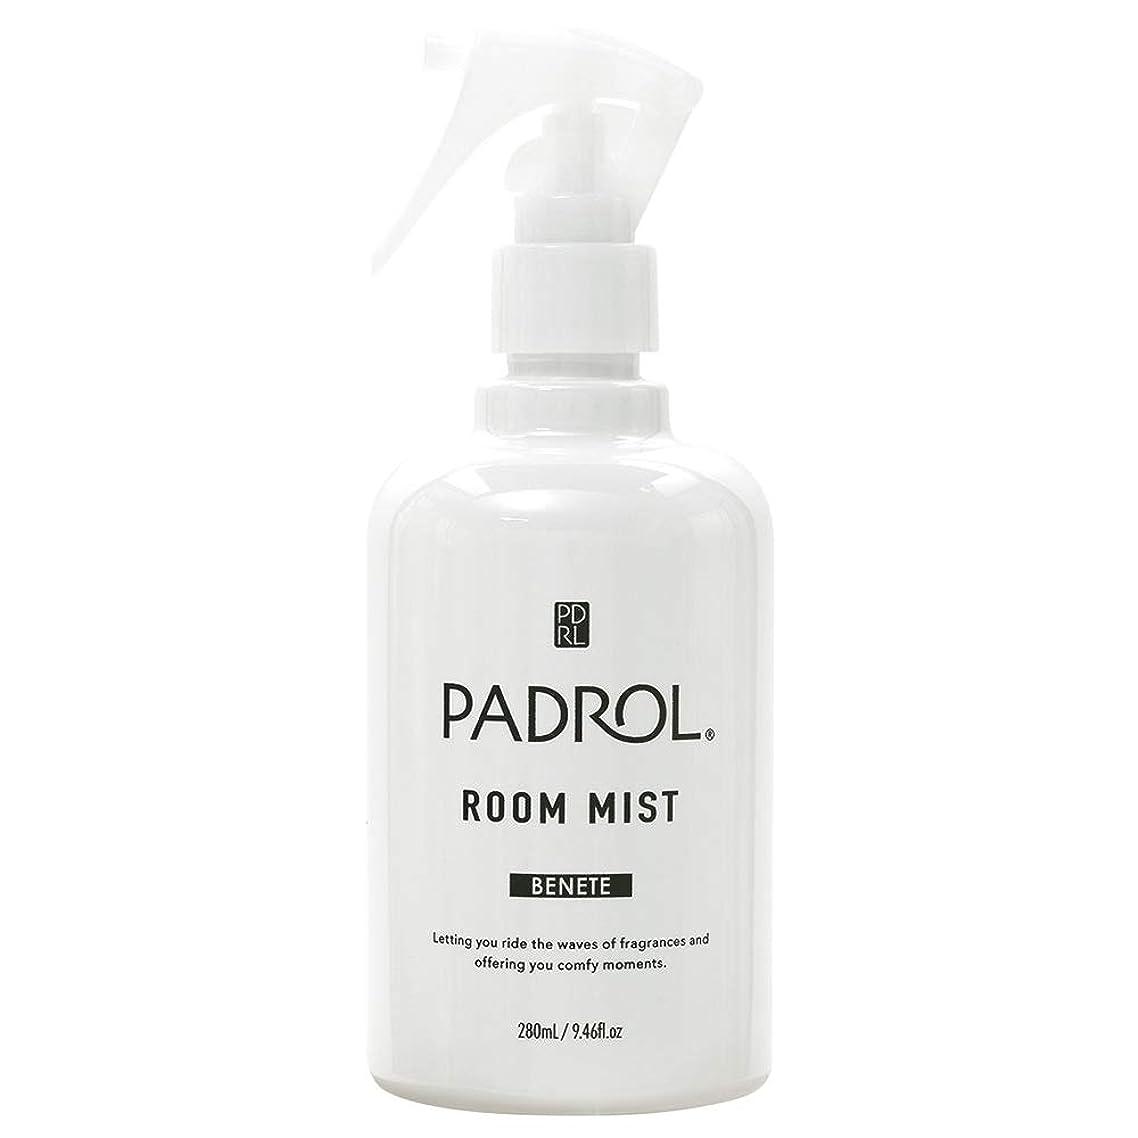 期間サイクルストライクノルコーポレーション ルーム&ファブリックミスト PADROL ホワイトムスクの香り 280ml PAB-2-01